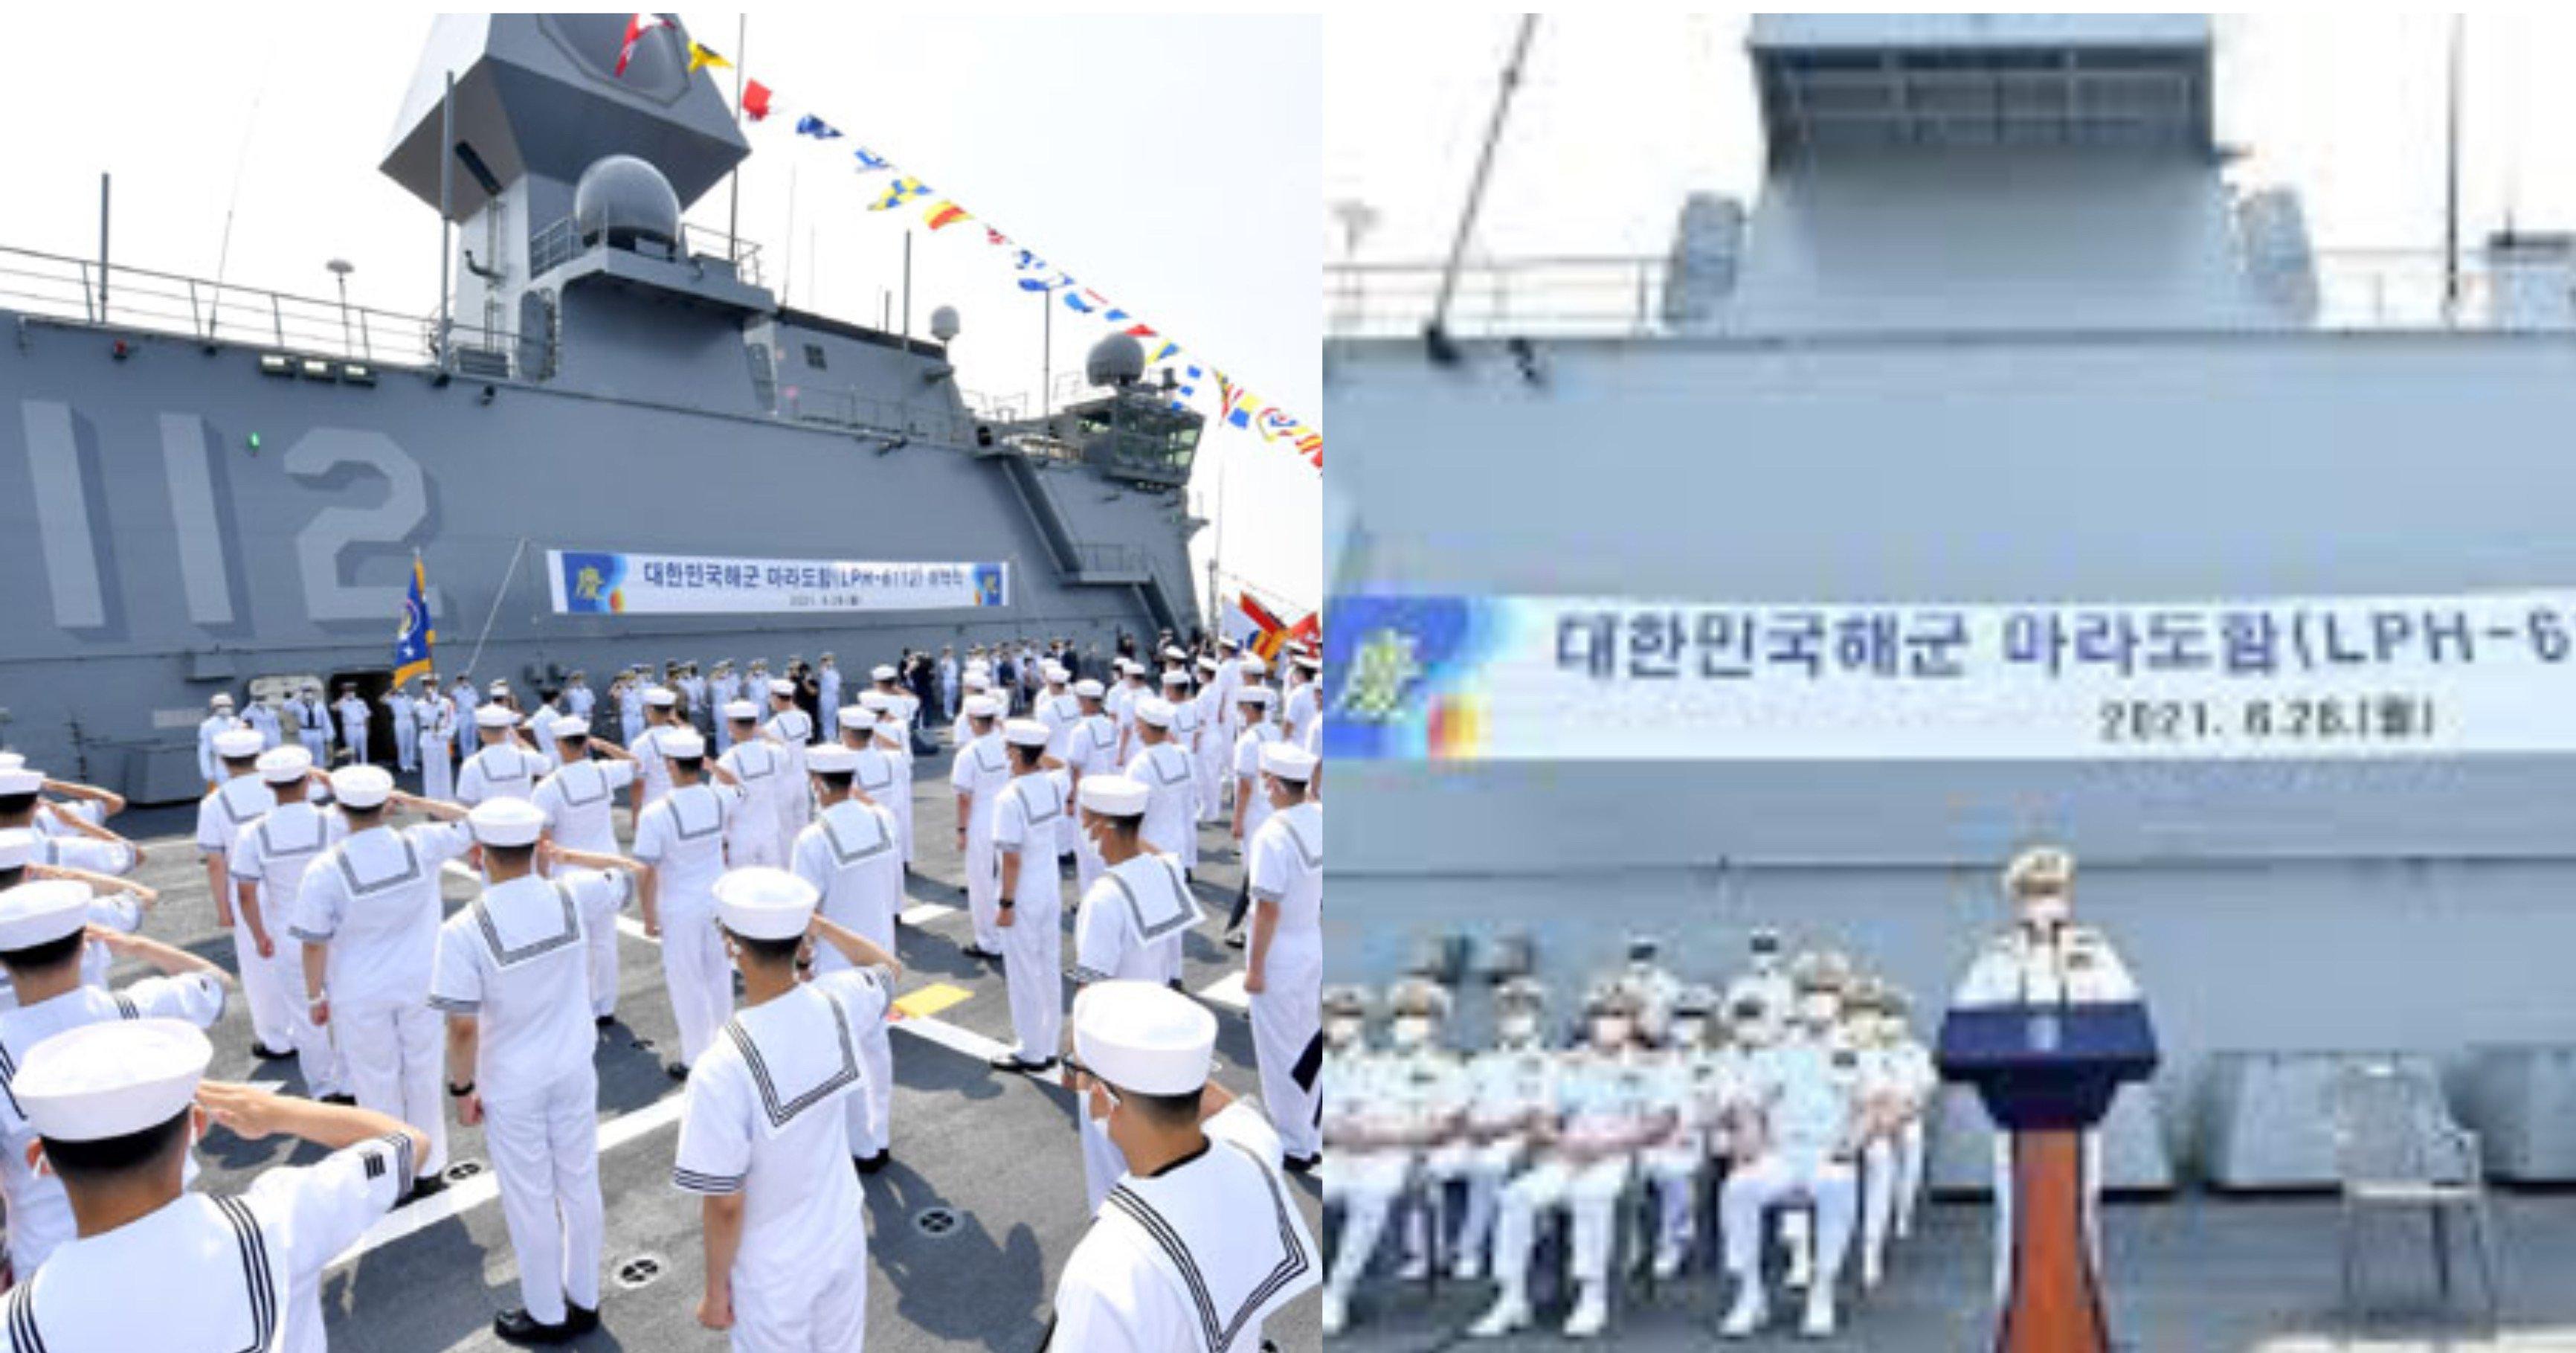 """f66d084b 3374 4db9 b54b 02a6c65f72f9.jpeg?resize=1200,630 - """"해군 지원하기 싫어요""""..요즘 사람들이 해군 지원을 절대로 안한다는 이유"""